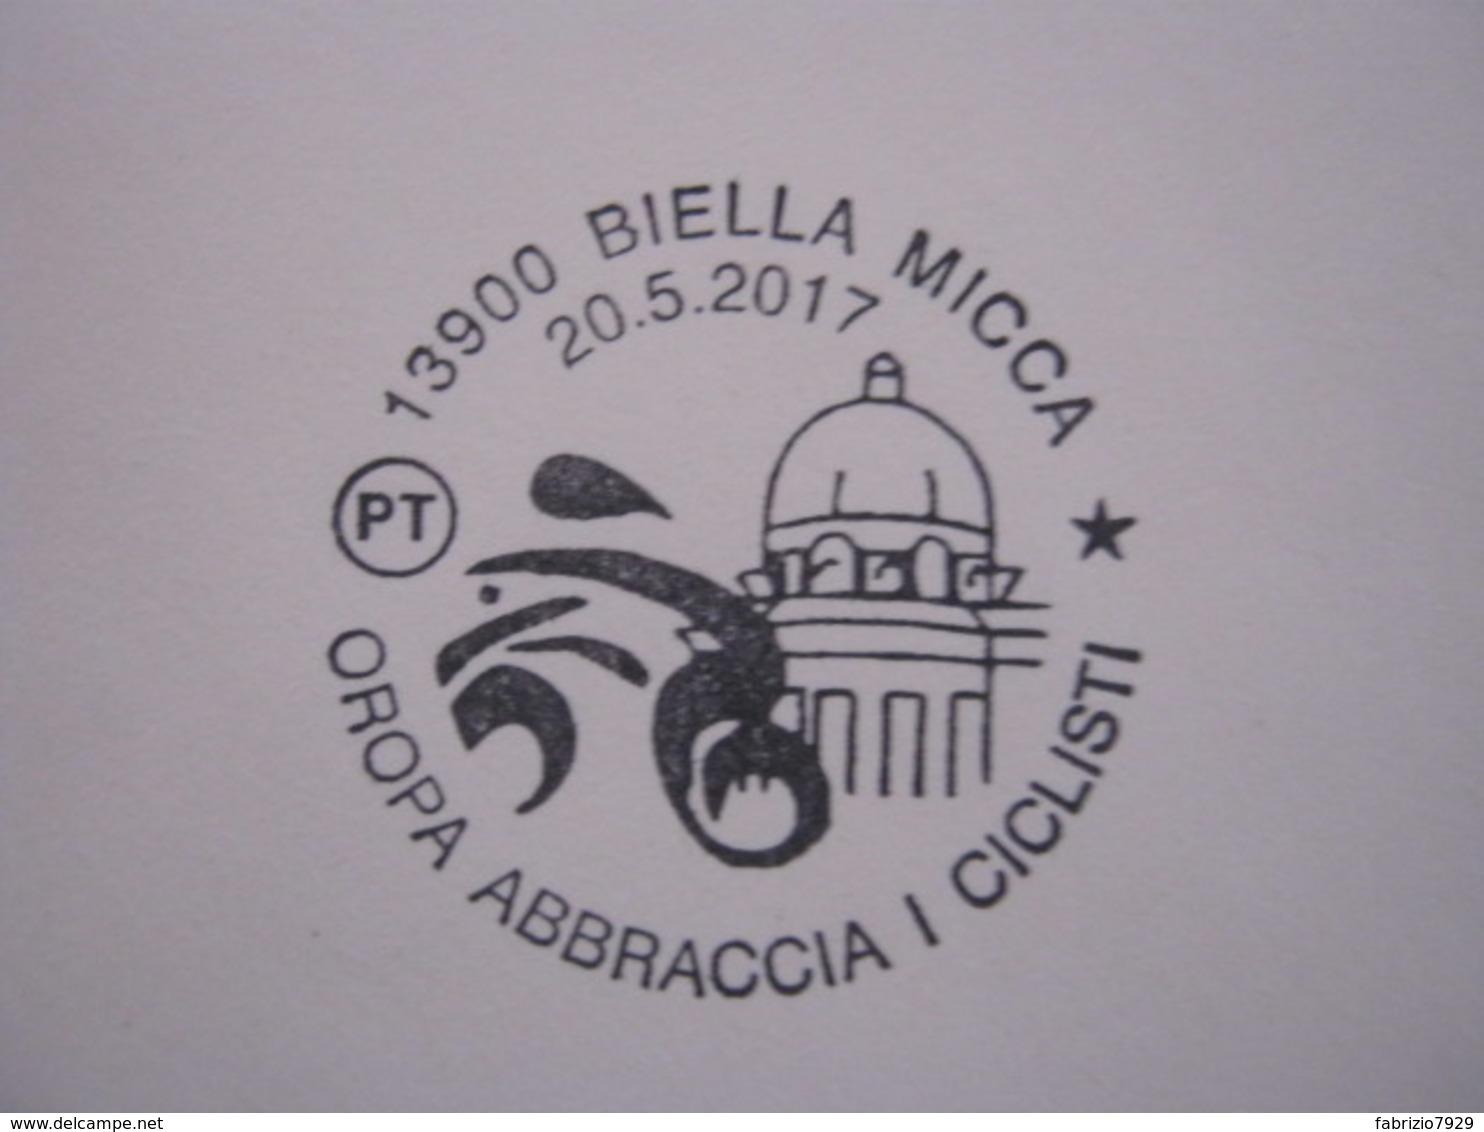 A.01 ITALIA ANNULLO - 2017 BIELLA OROPA ABBRACCIA I CICLISTI CICLISMO BICICLE SANTUARIO MONTAGNA - Ciclismo